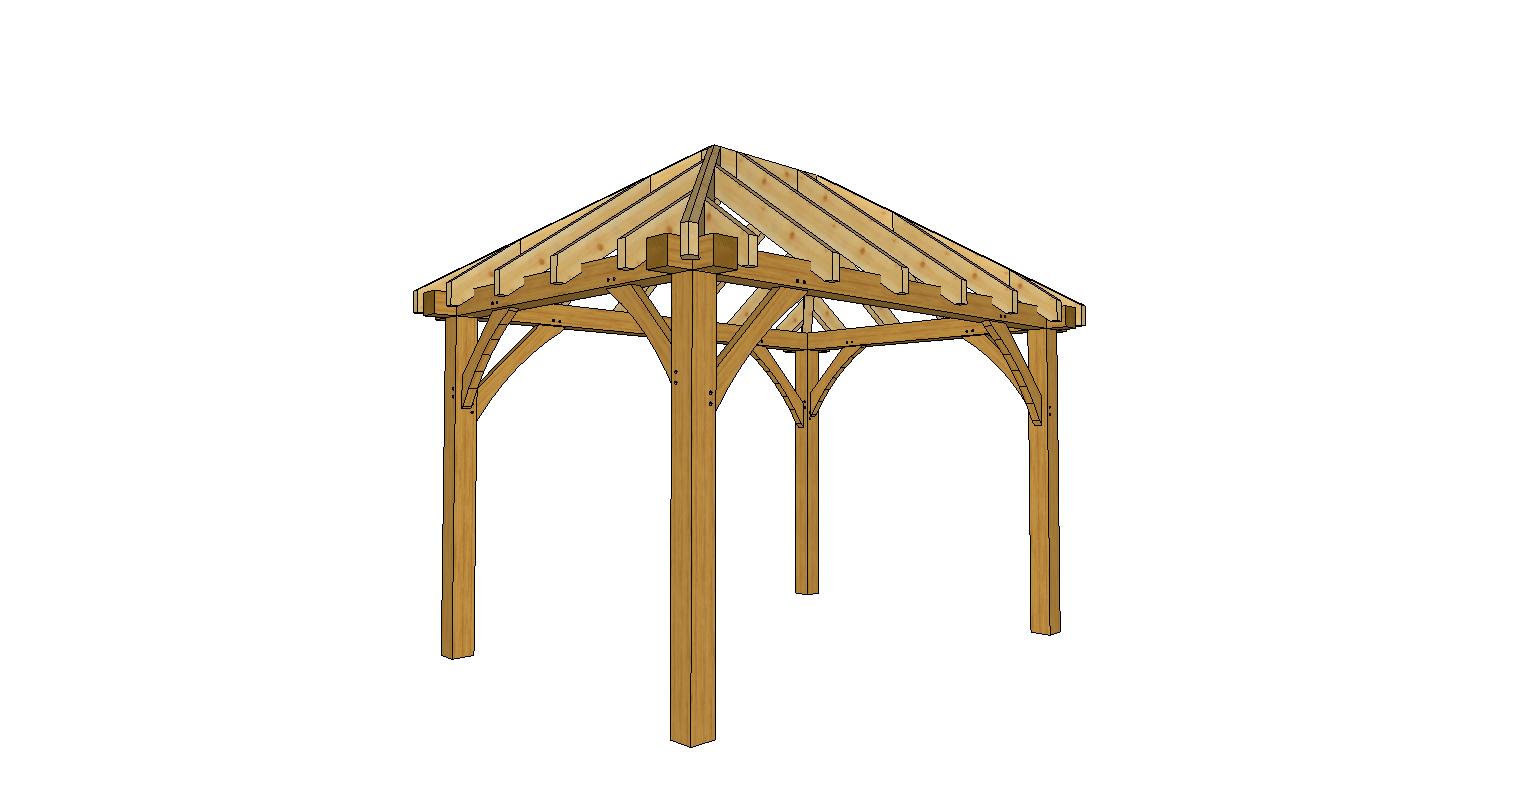 Gazebo 2 5 X 3.Solid Wood Gazebo Hip Roof 2 5 3 5m Sklep Szkieletowka